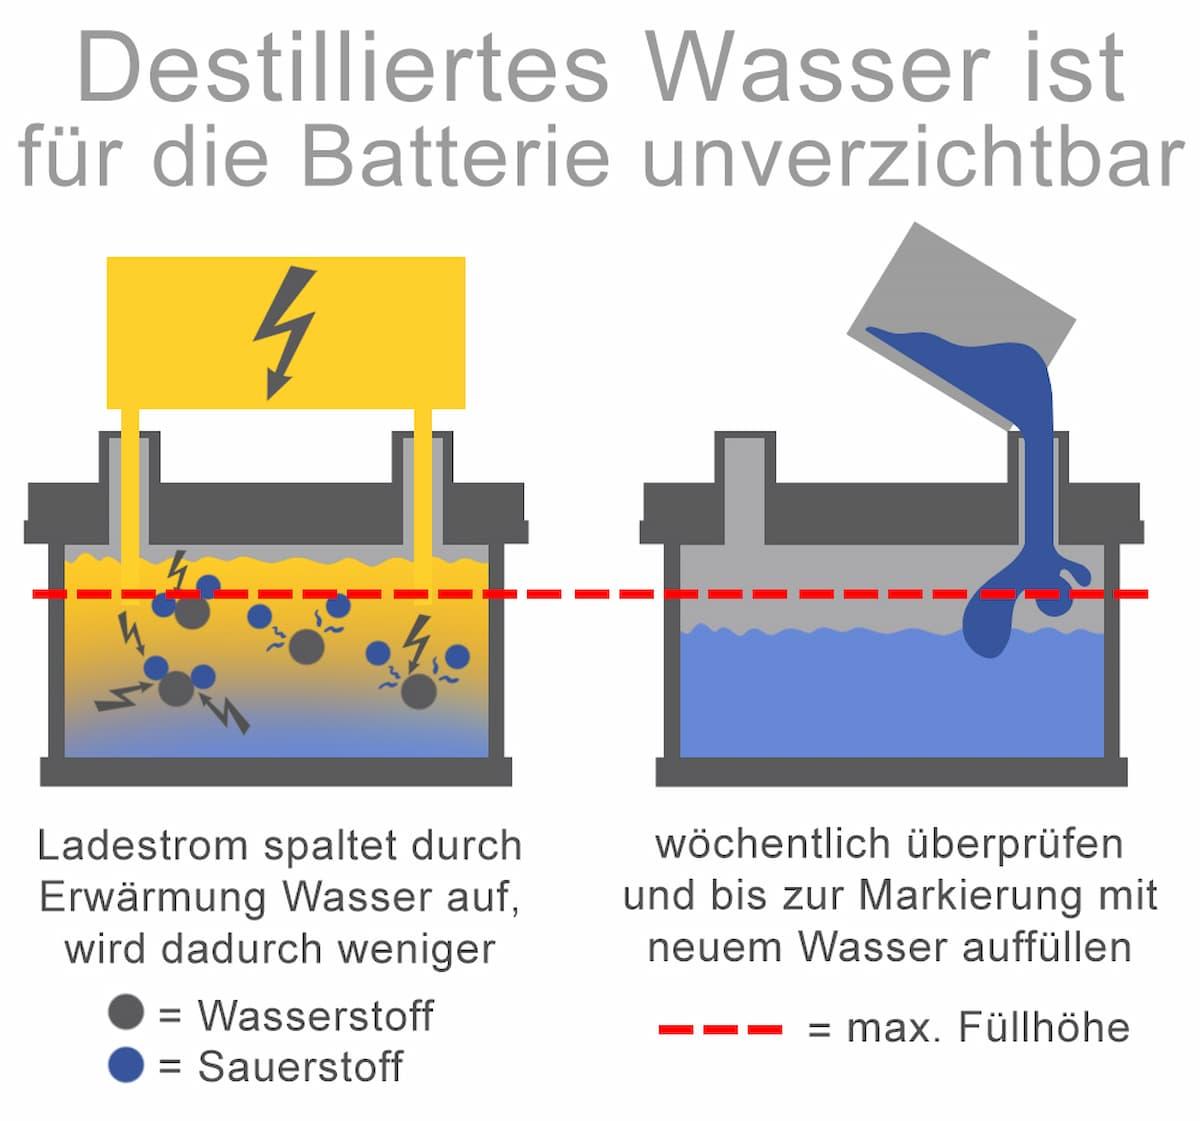 Destilliertes Wasser ist für die Batterie unverzichtbar